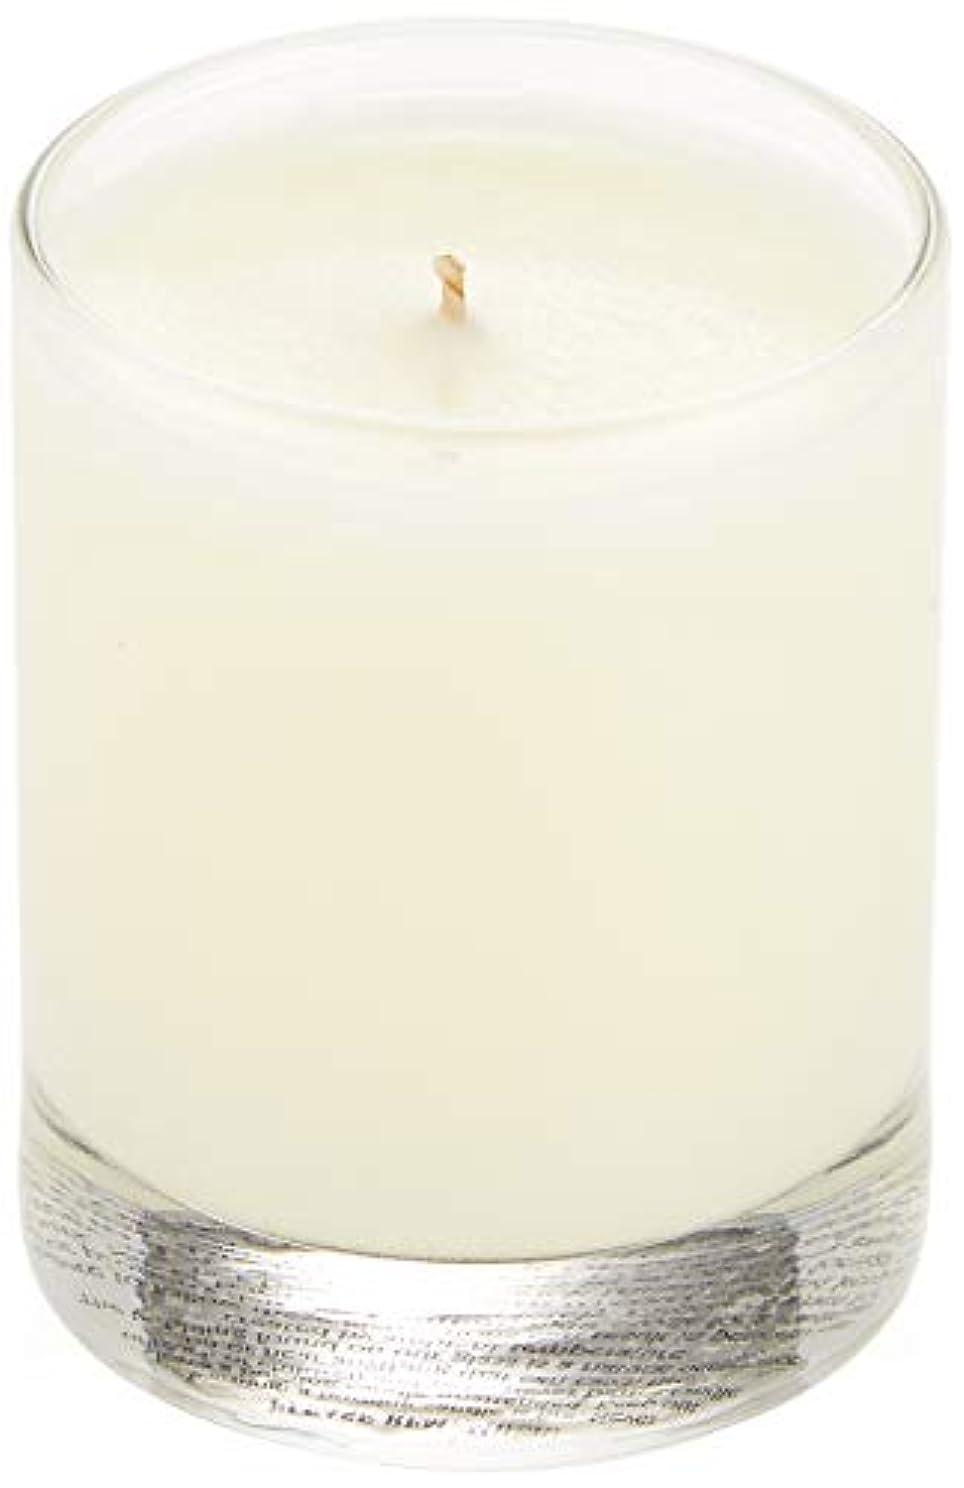 靴雨メロンkai fragrance(カイ フレグランス) ナイトライトキャンドル 連続燃焼18時間